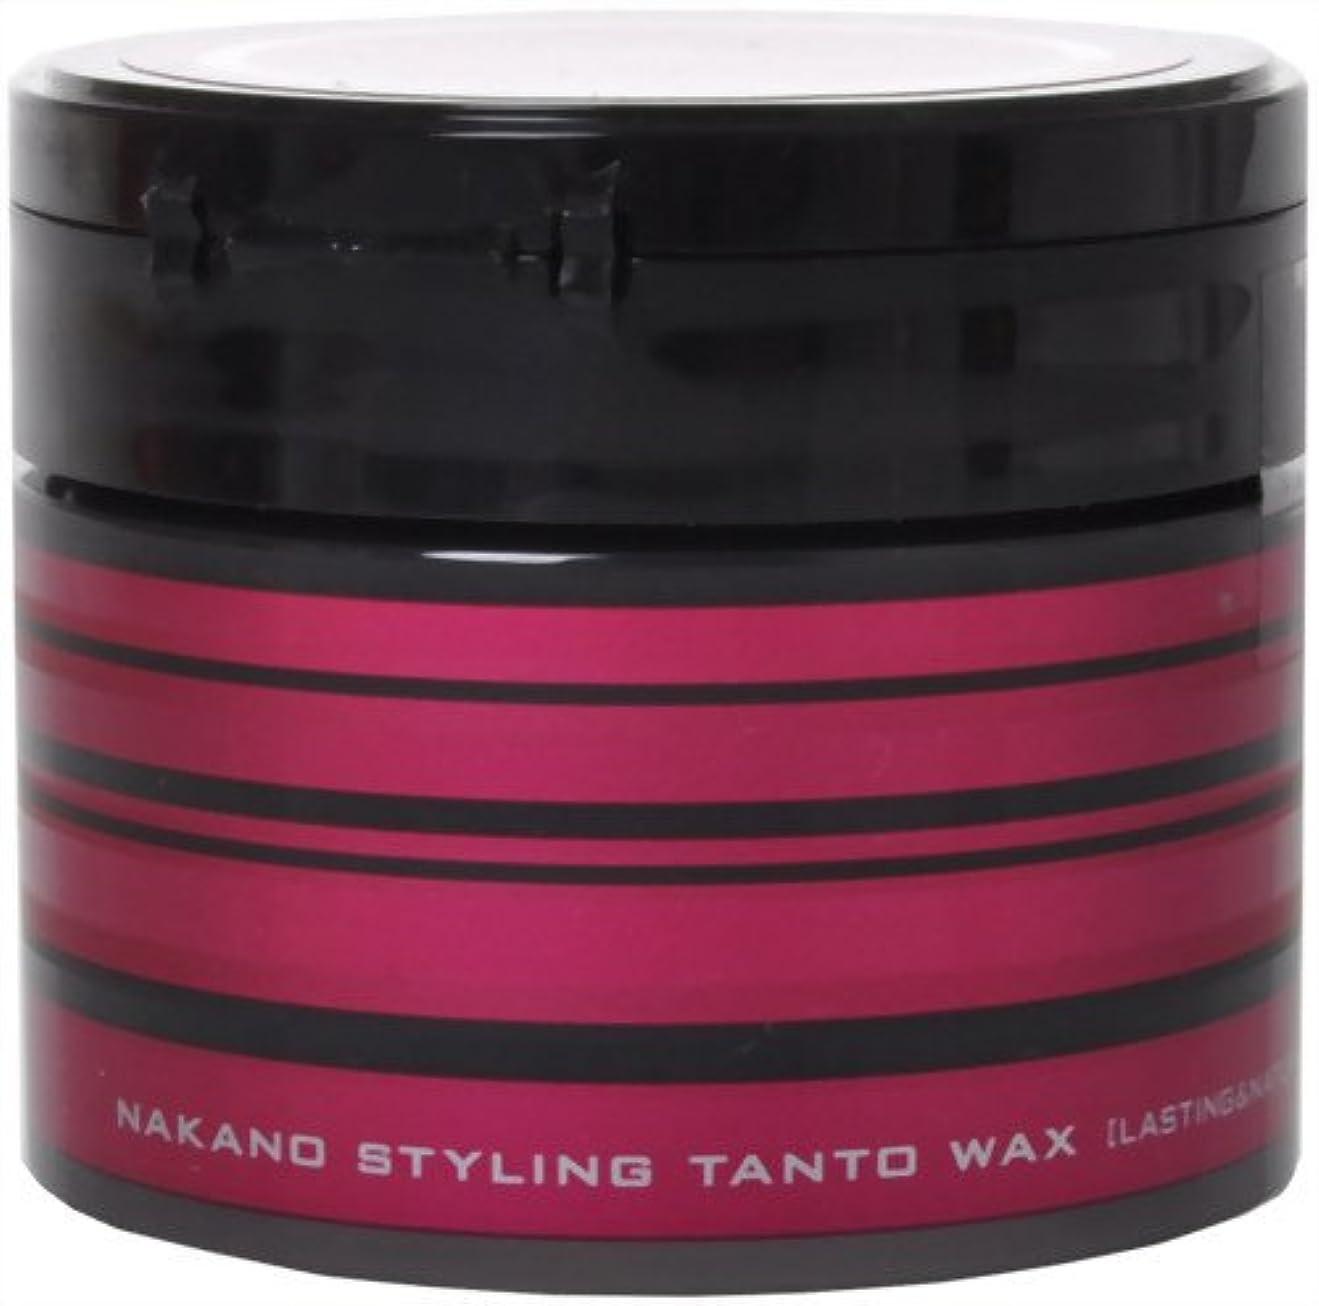 良いバルクほうきナカノ スタイリング タント ワックス7 「ラスティング&ナチュラル」 90g